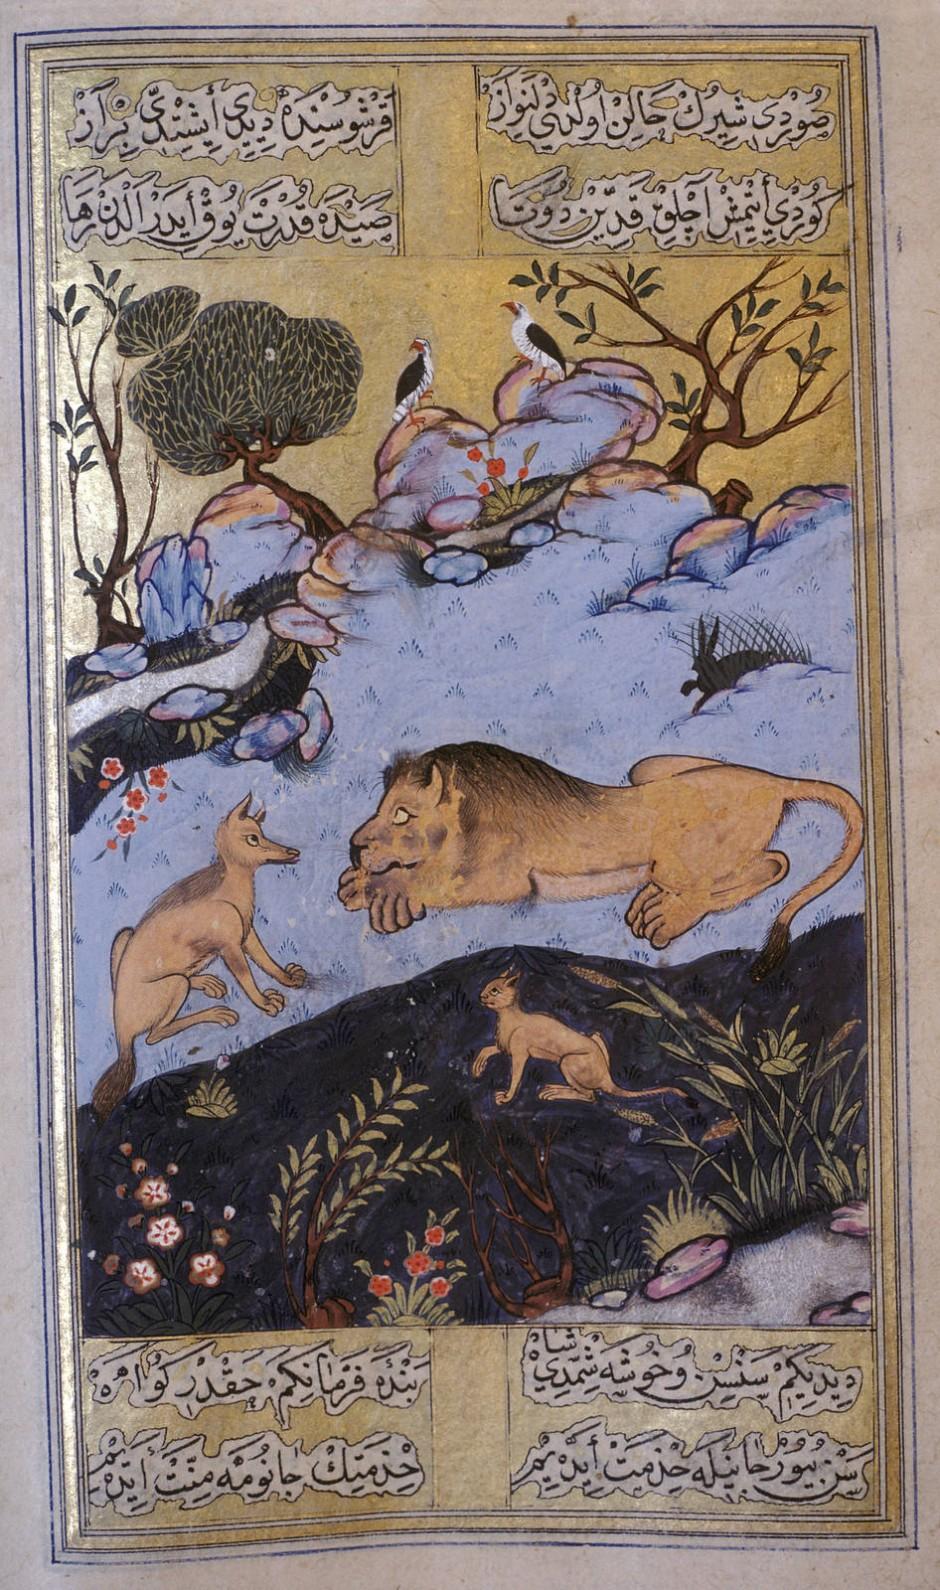 Wer ist der wahre König im Tierreich, der starke, aber unbedarfte Löwe oder sein Gesprächspartner, der kleine verschlagene Schakal? Das indische Epos Panchatantra kennt die Antwort. Türkische Miniatur des siebzehnten Jahrhunderts